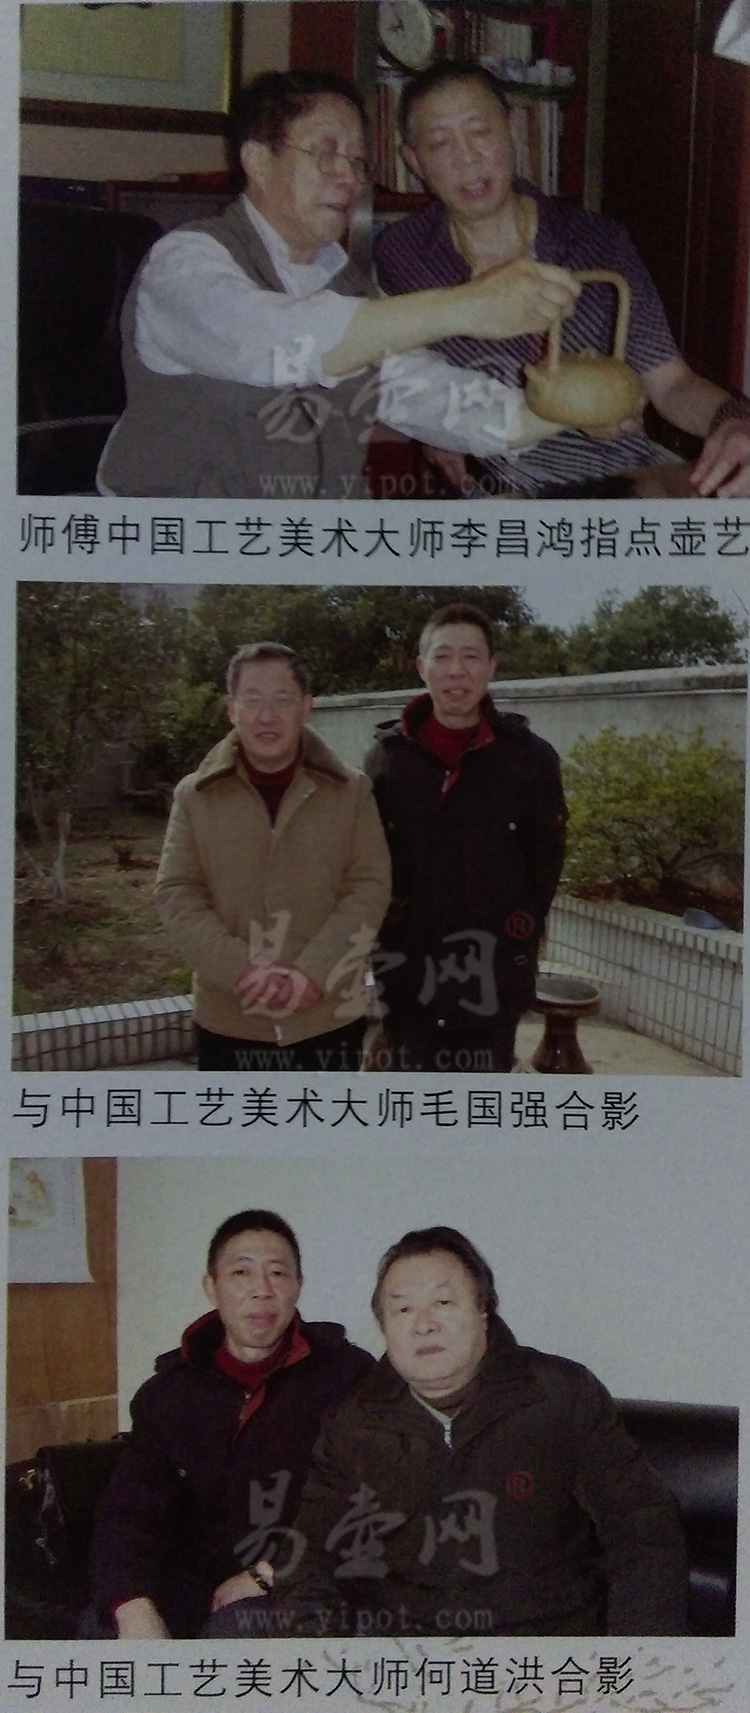 余志平和师父李昌鸿合影,与毛国强、何道洪合影